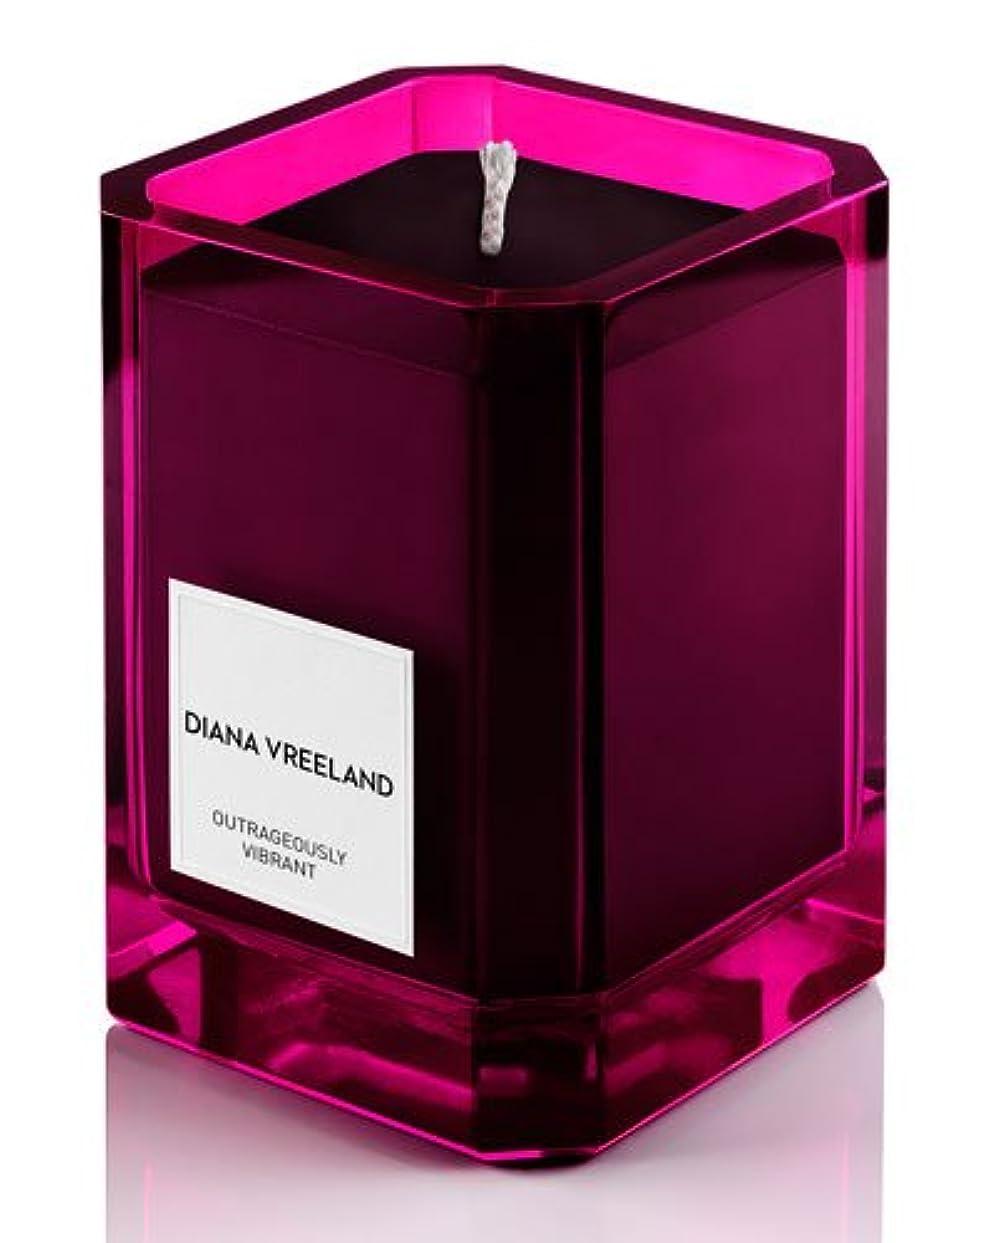 はちみつ間に合わせ与えるDiana Vreeland Outrageously Vibrant(ダイアナ ヴリーランド アウトレイジャスリー ヴィブラント)9.7 oz (291ml) Candle(香り付きキャンドル)